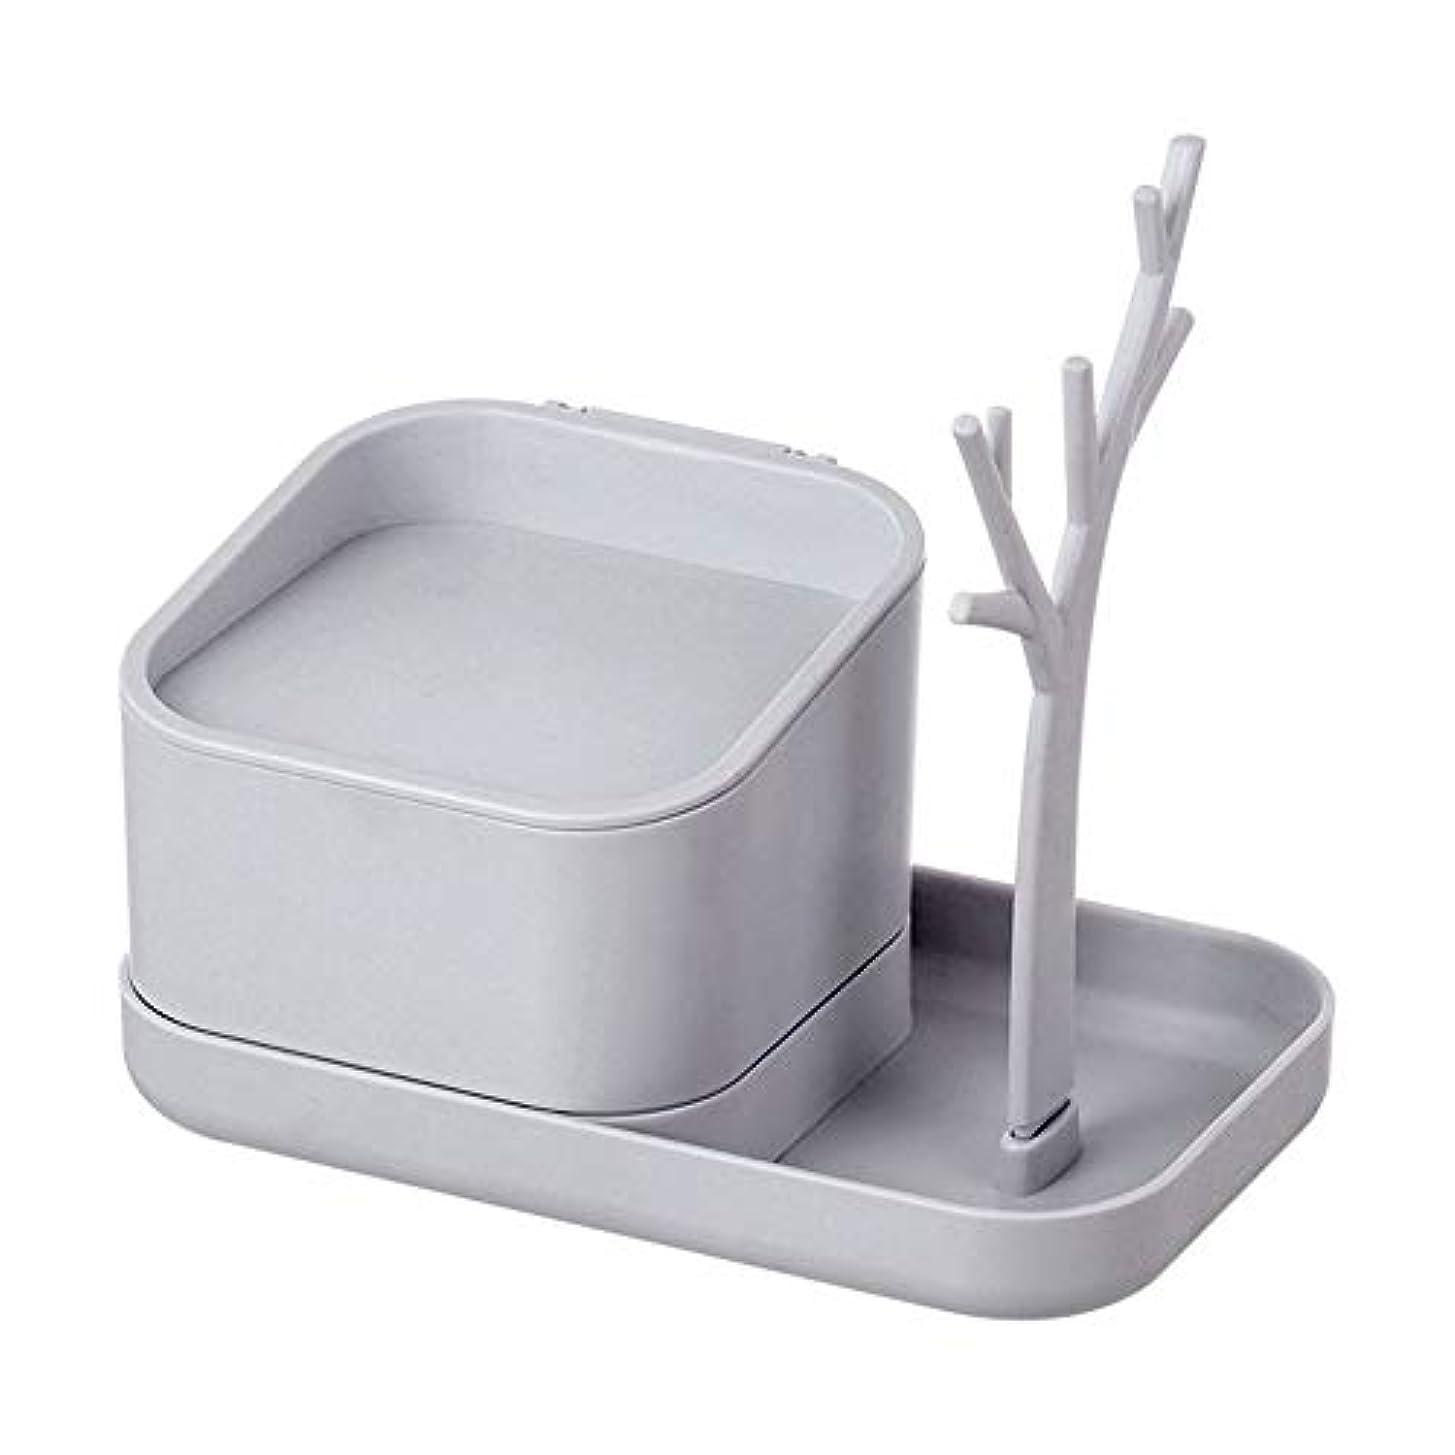 オズワルド極端なピカソ化粧品収納ボックス、デスクトップ多機能収納ボックス、化粧品/ヘアアクセサリー/マスク/ジュエリー/ストレージに適しています,White